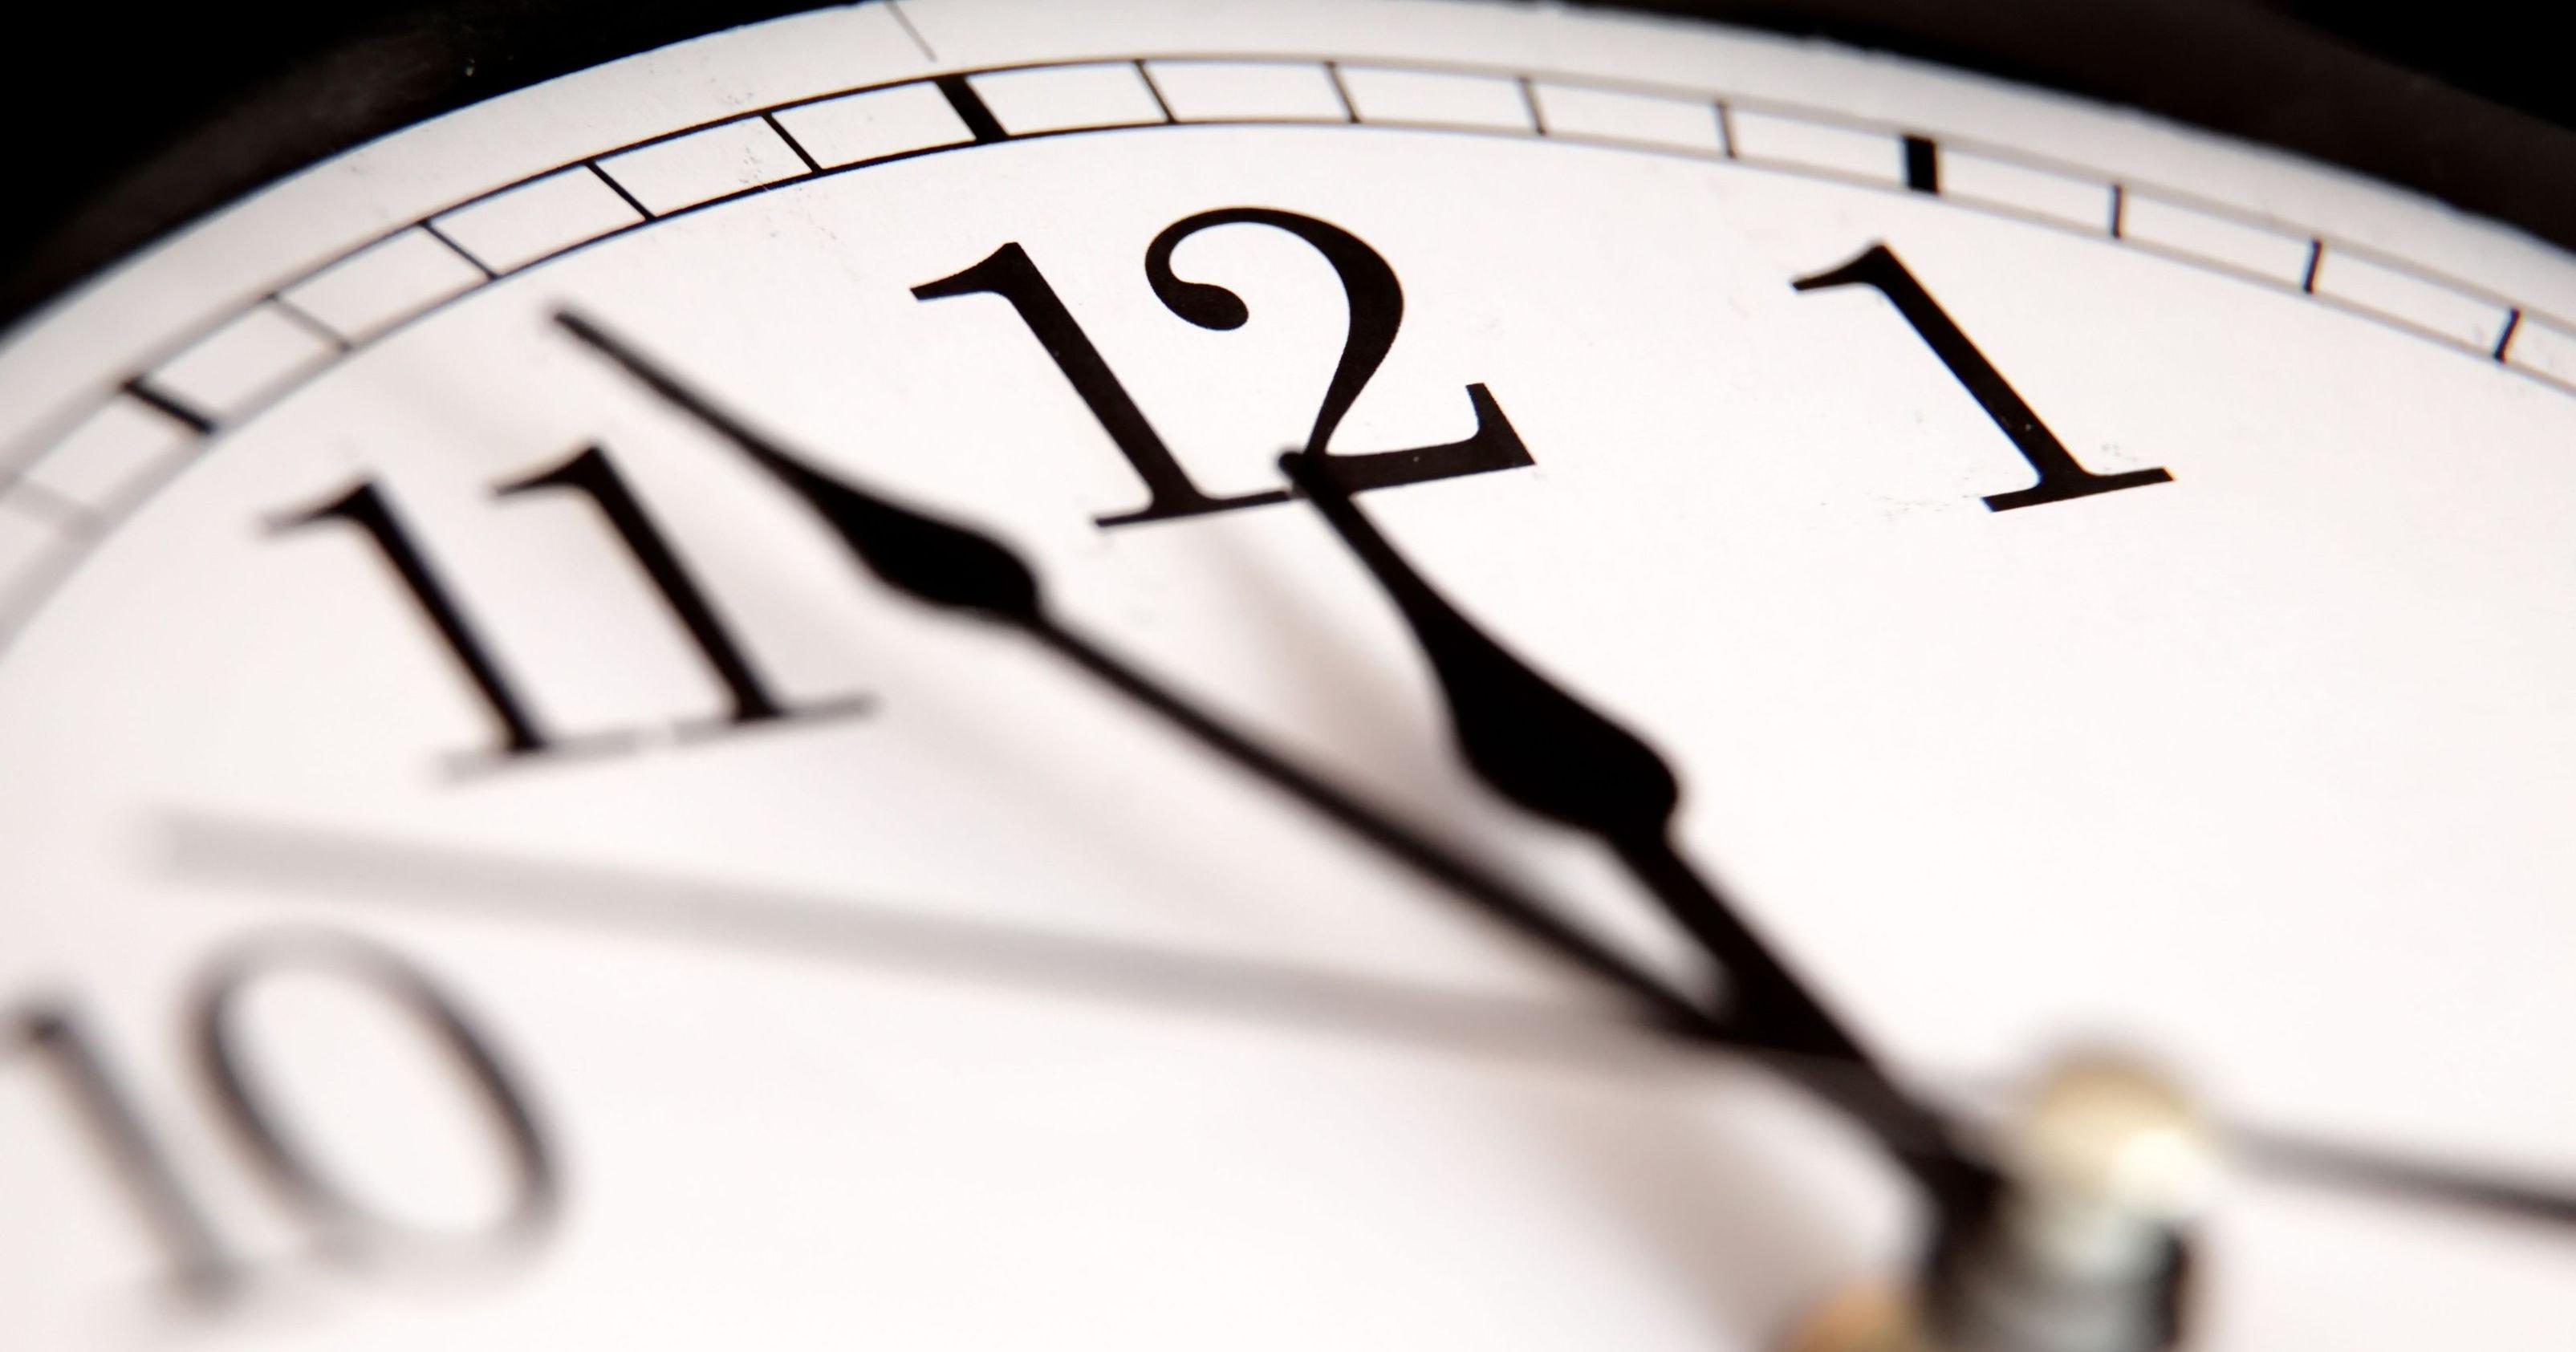 Почему стрелки часов движутся слева направо, а не наоборот?